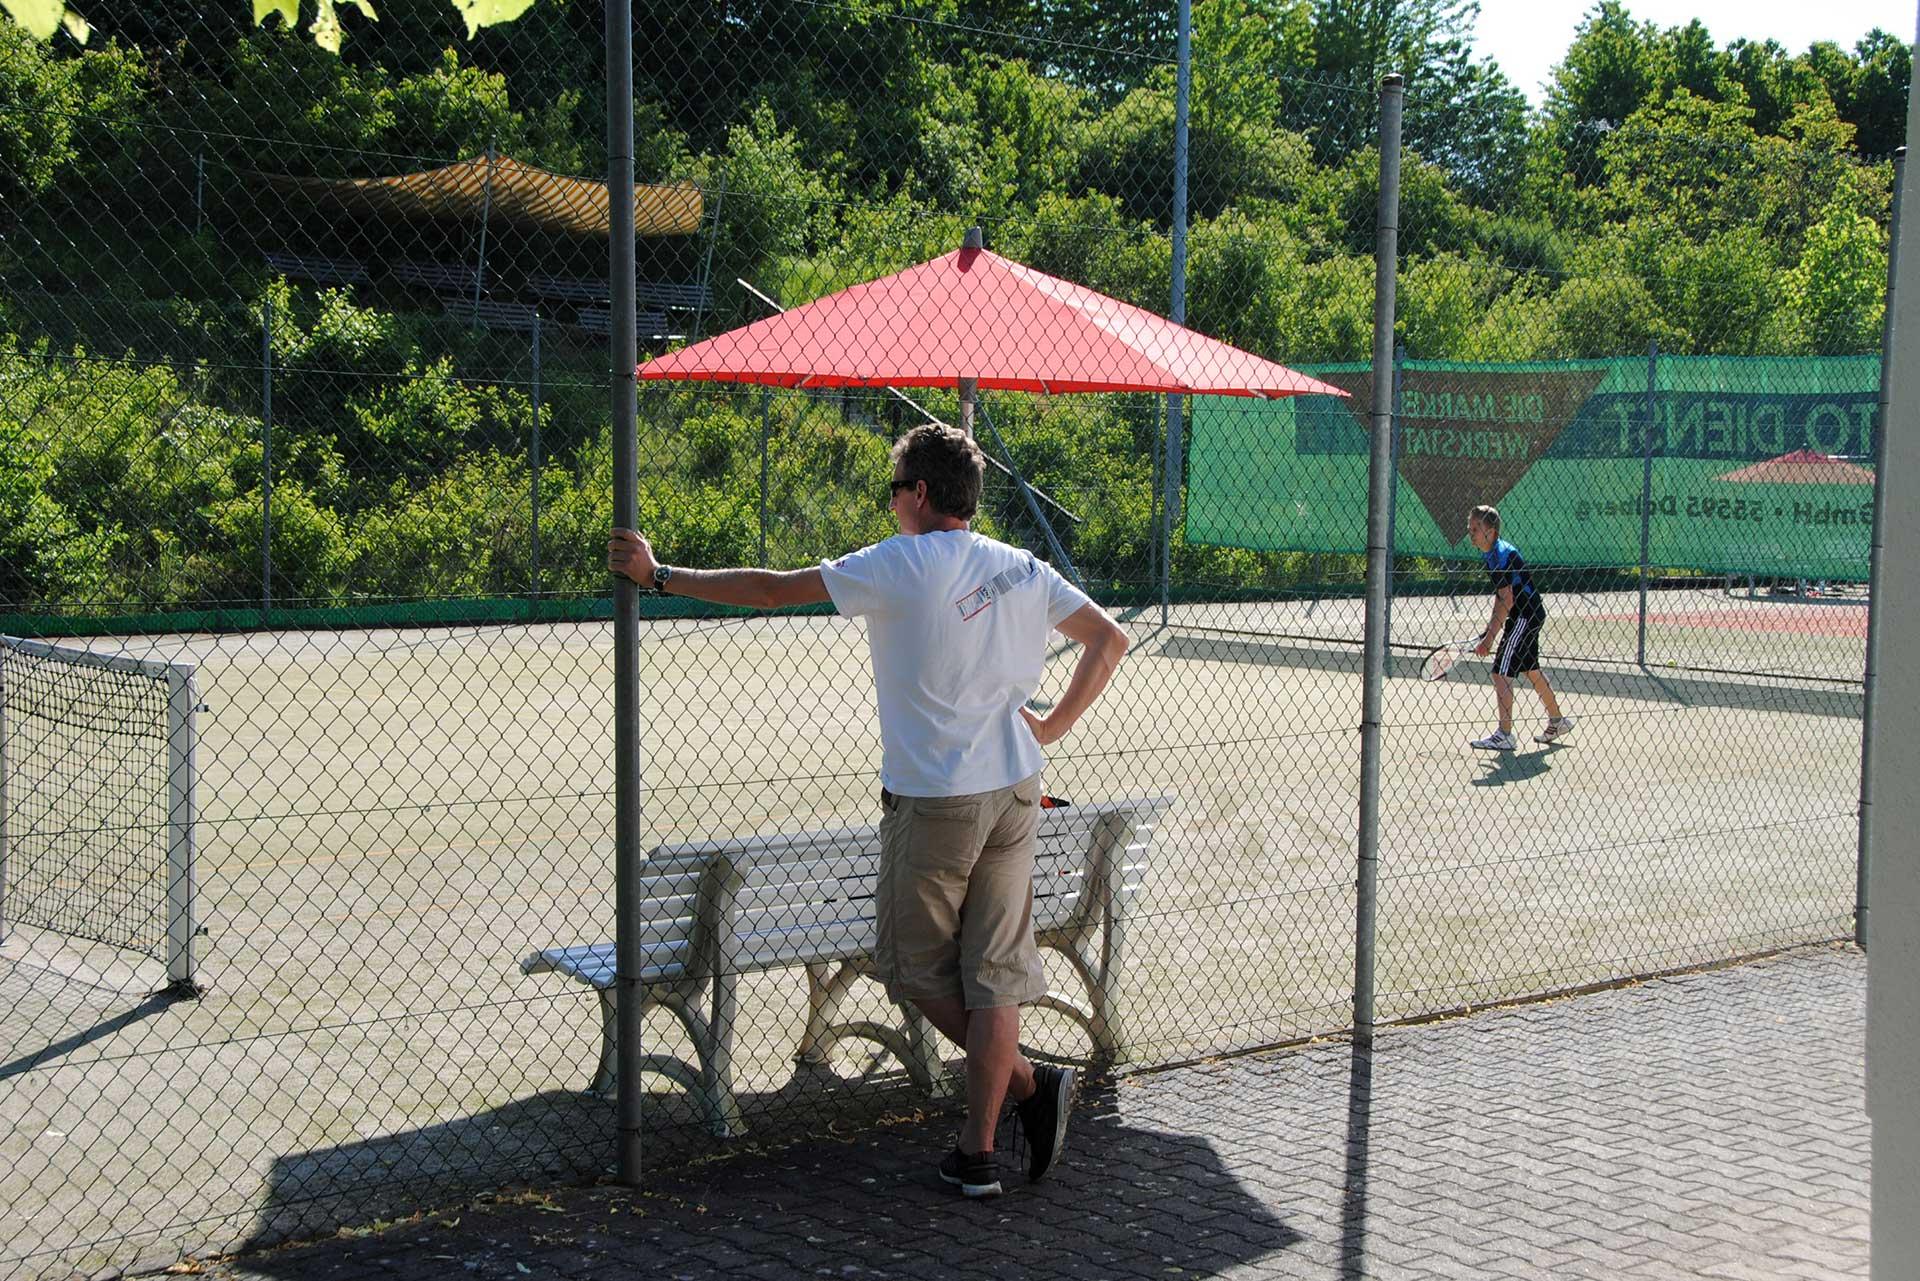 Tennisspiel - Tennisabteilung des TUS Gutenberg